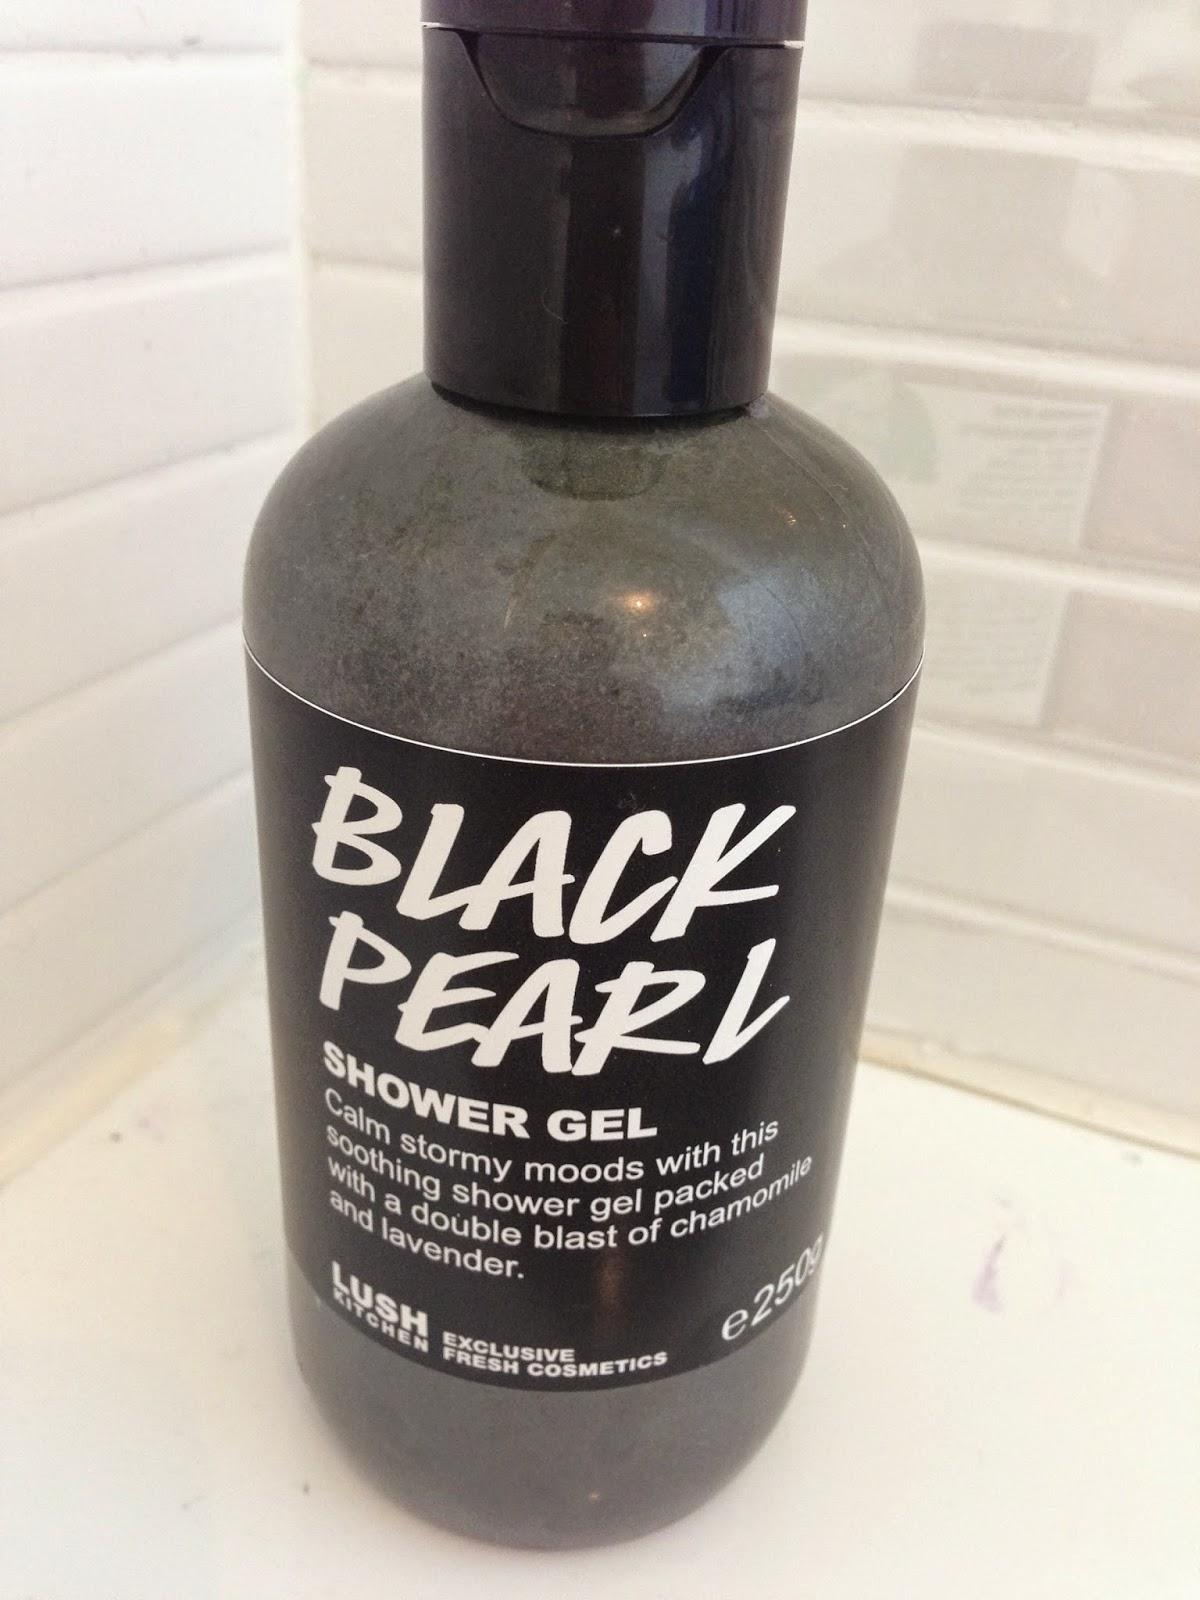 Black Pearl Shower Gel